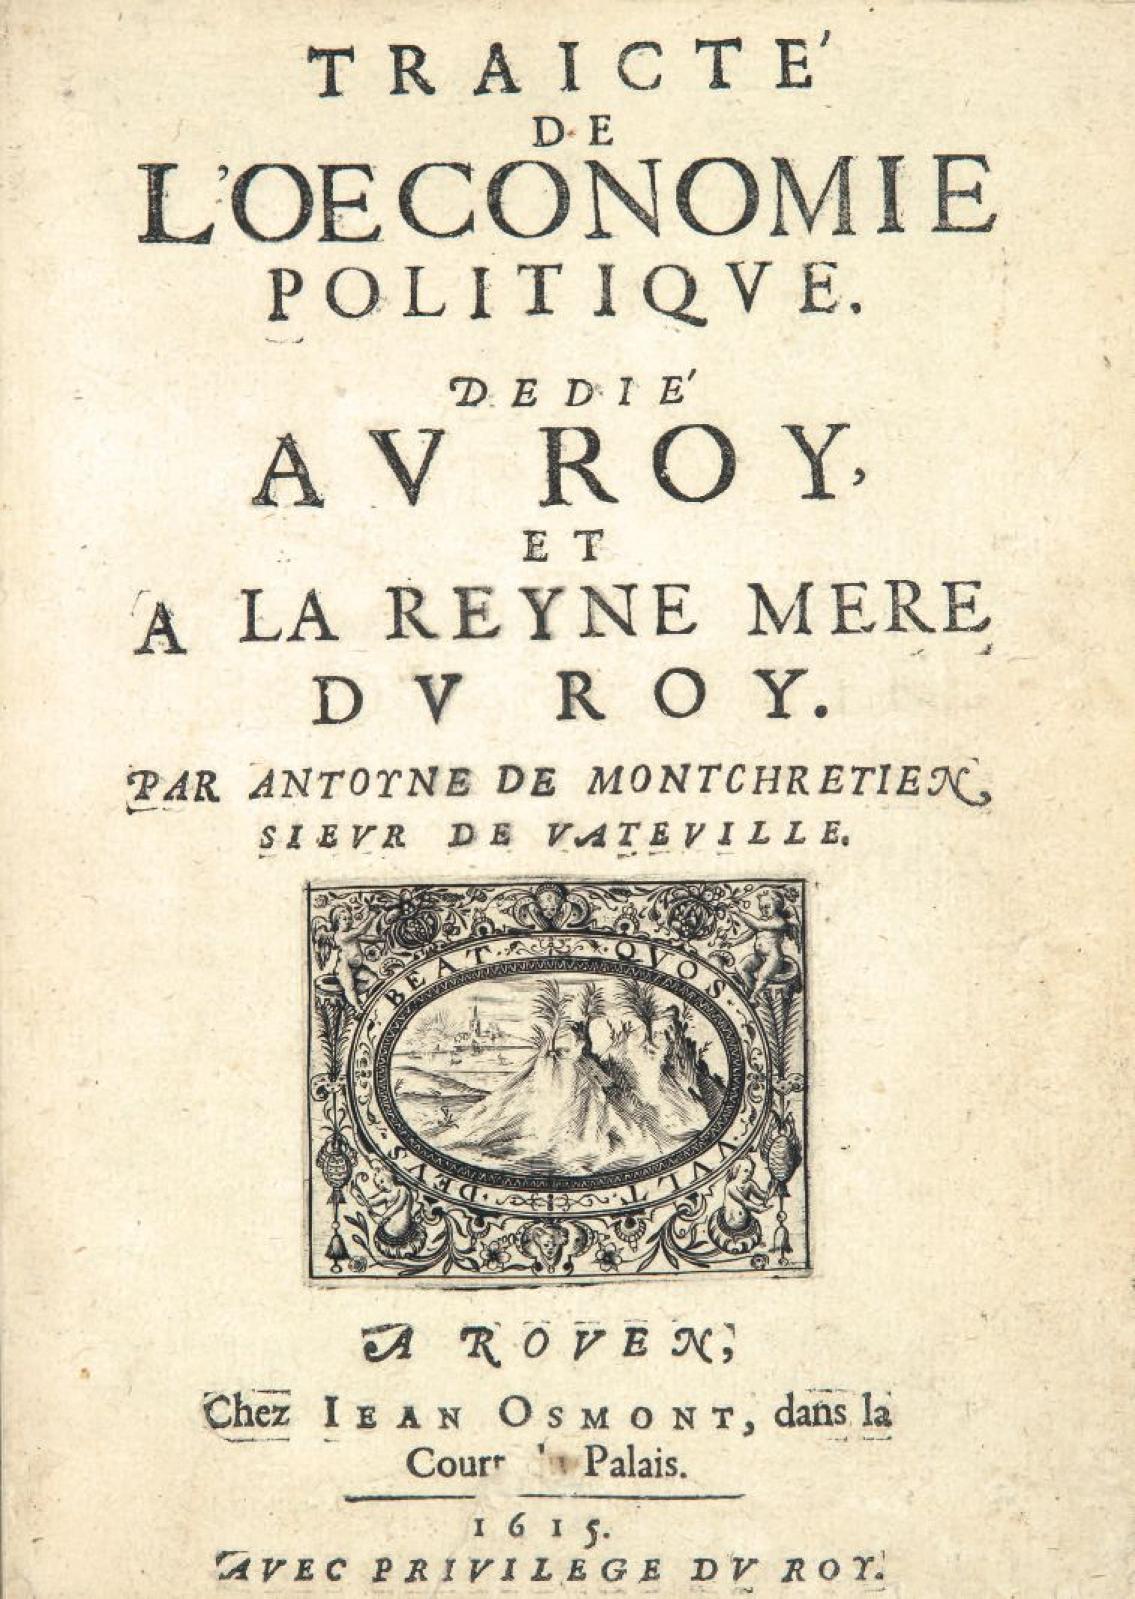 traicte_de_l_oeconomie_politique_1615_written_by_antoyne_de_montchretien.jpg